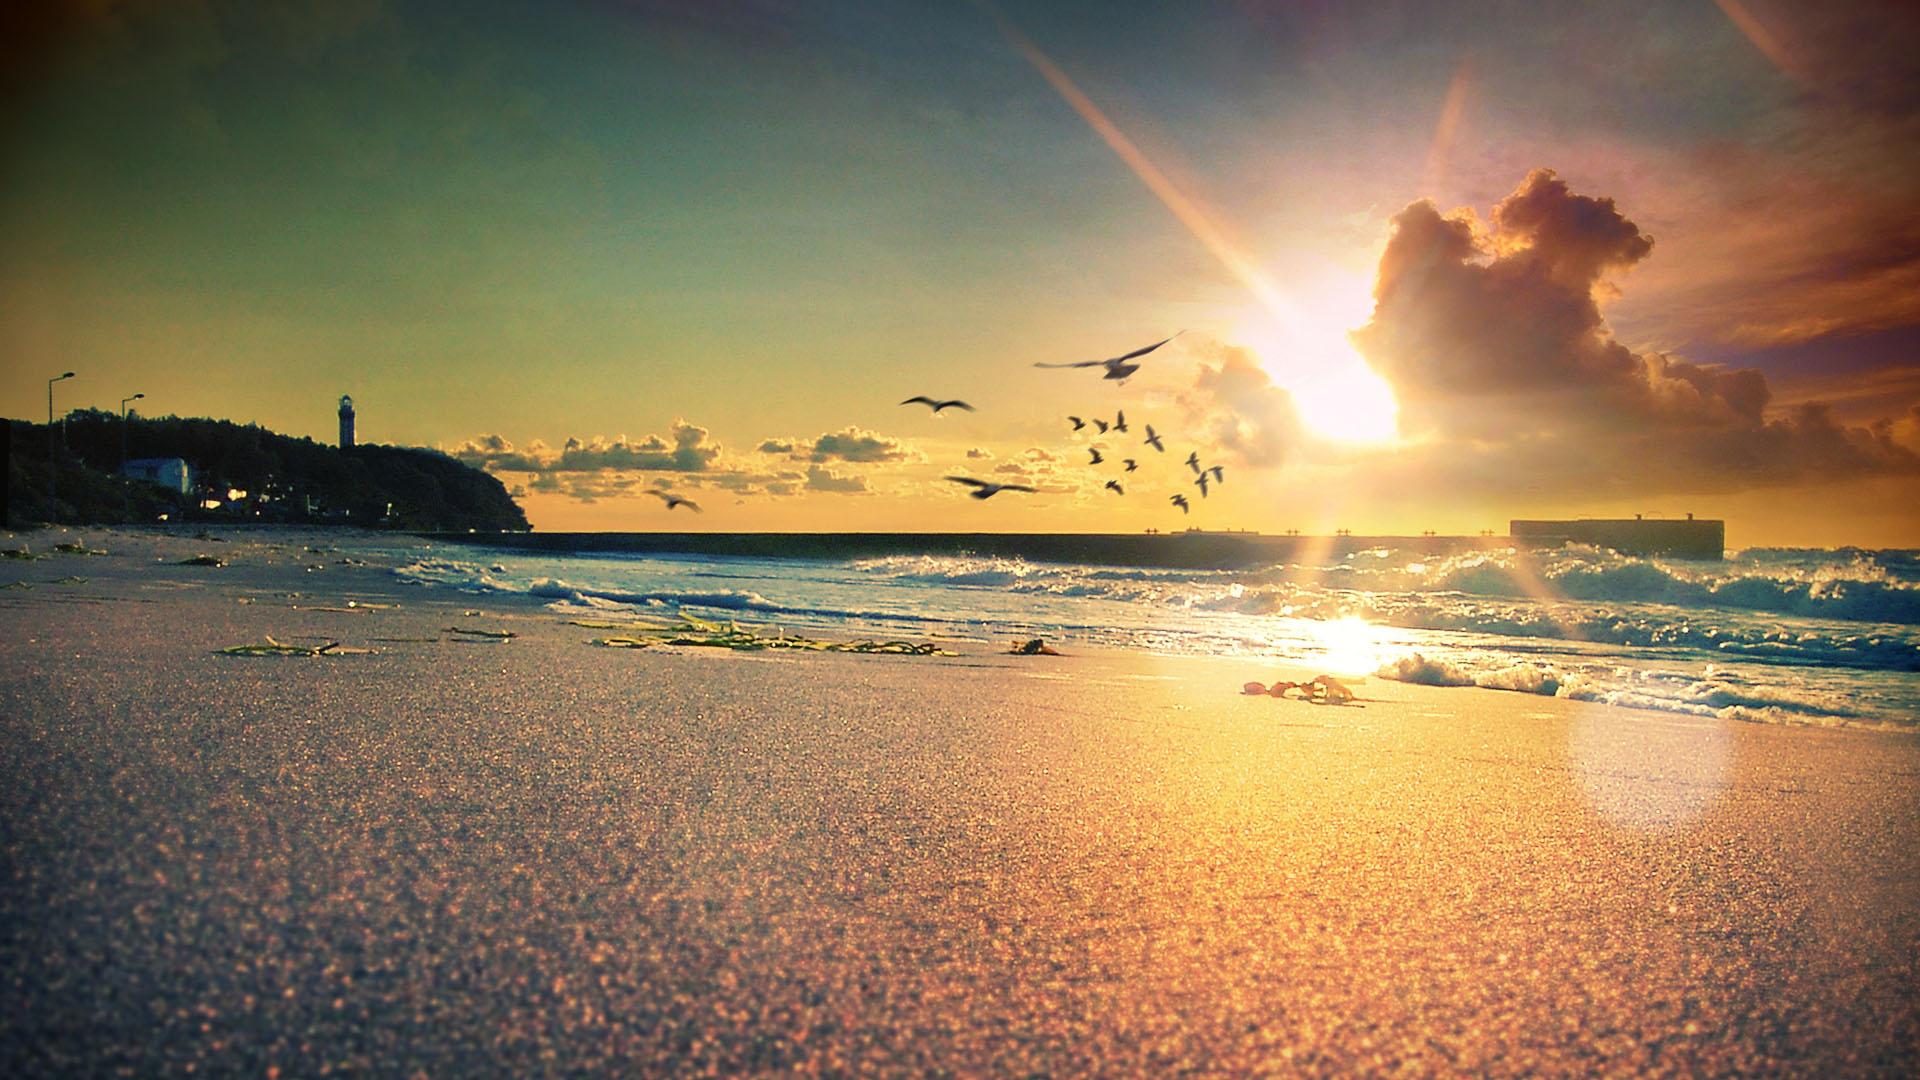 Plaża przy zachądzącym słońcu. W tle latarnia morska, latające mewy.